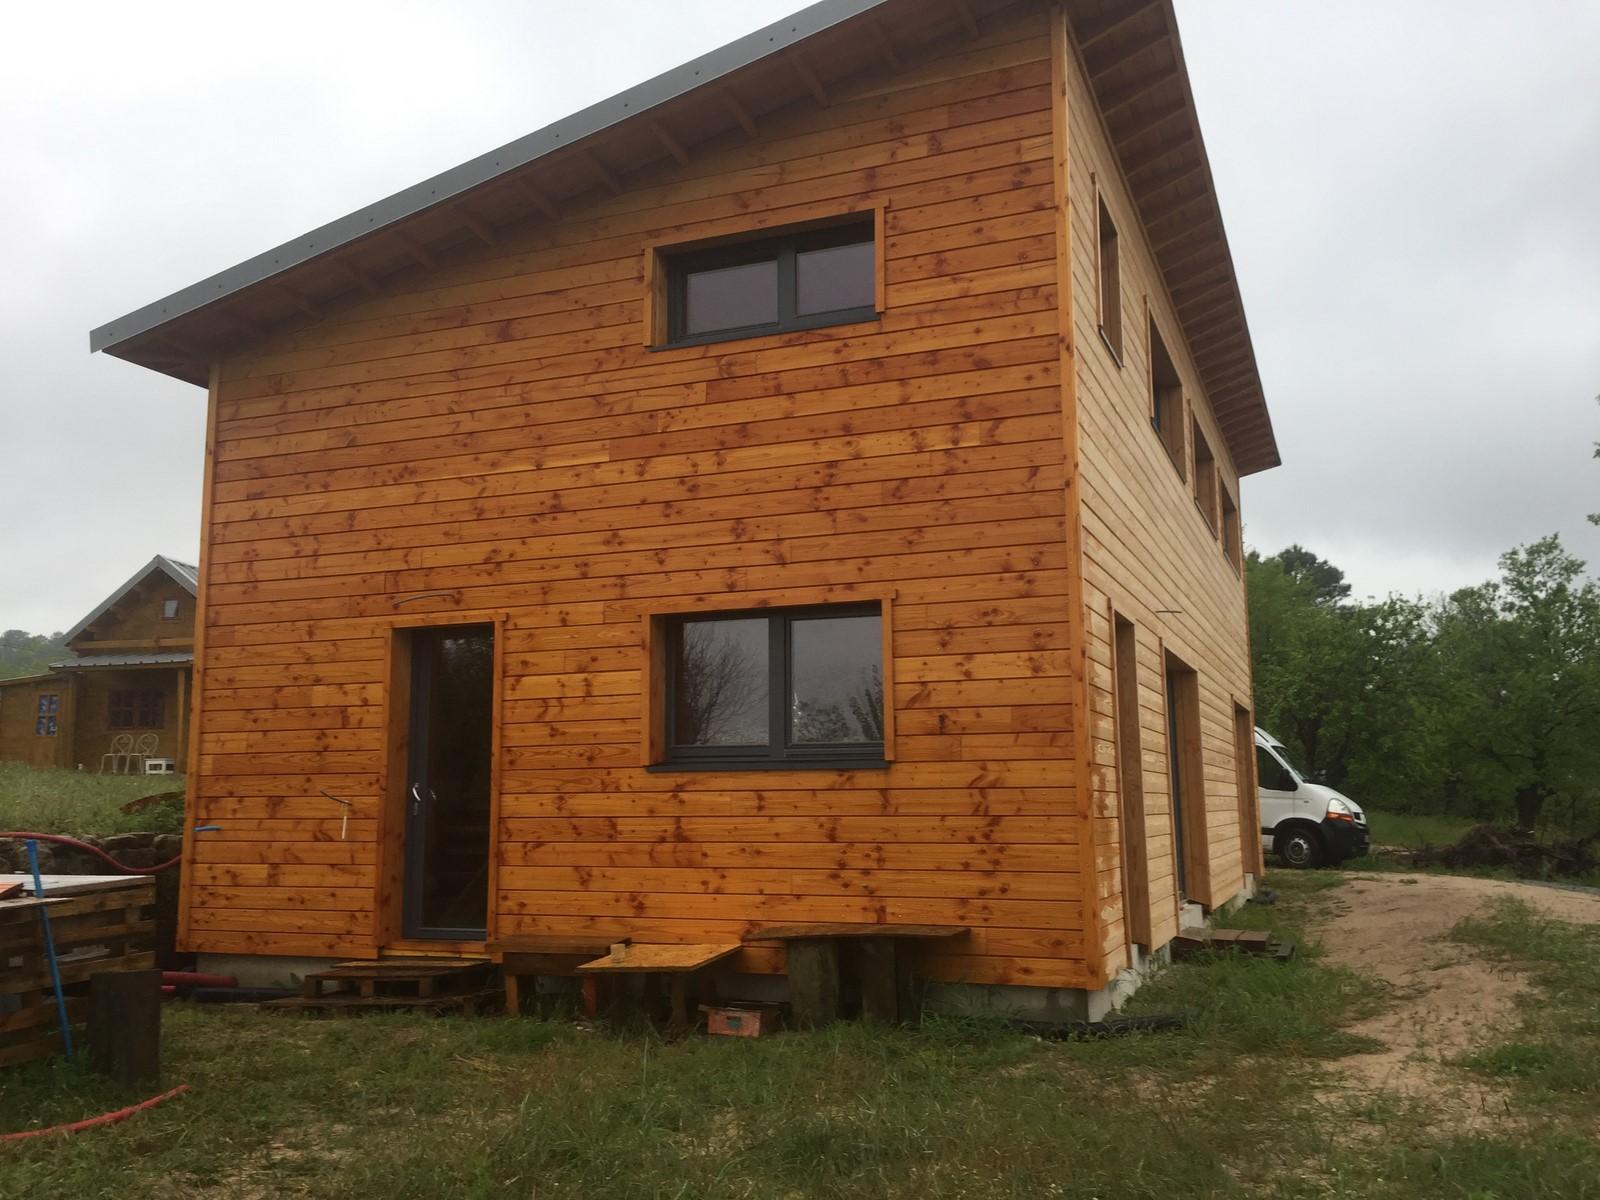 Poursuite de la construction : pose de voliges, terrasse en bois, électricité,...